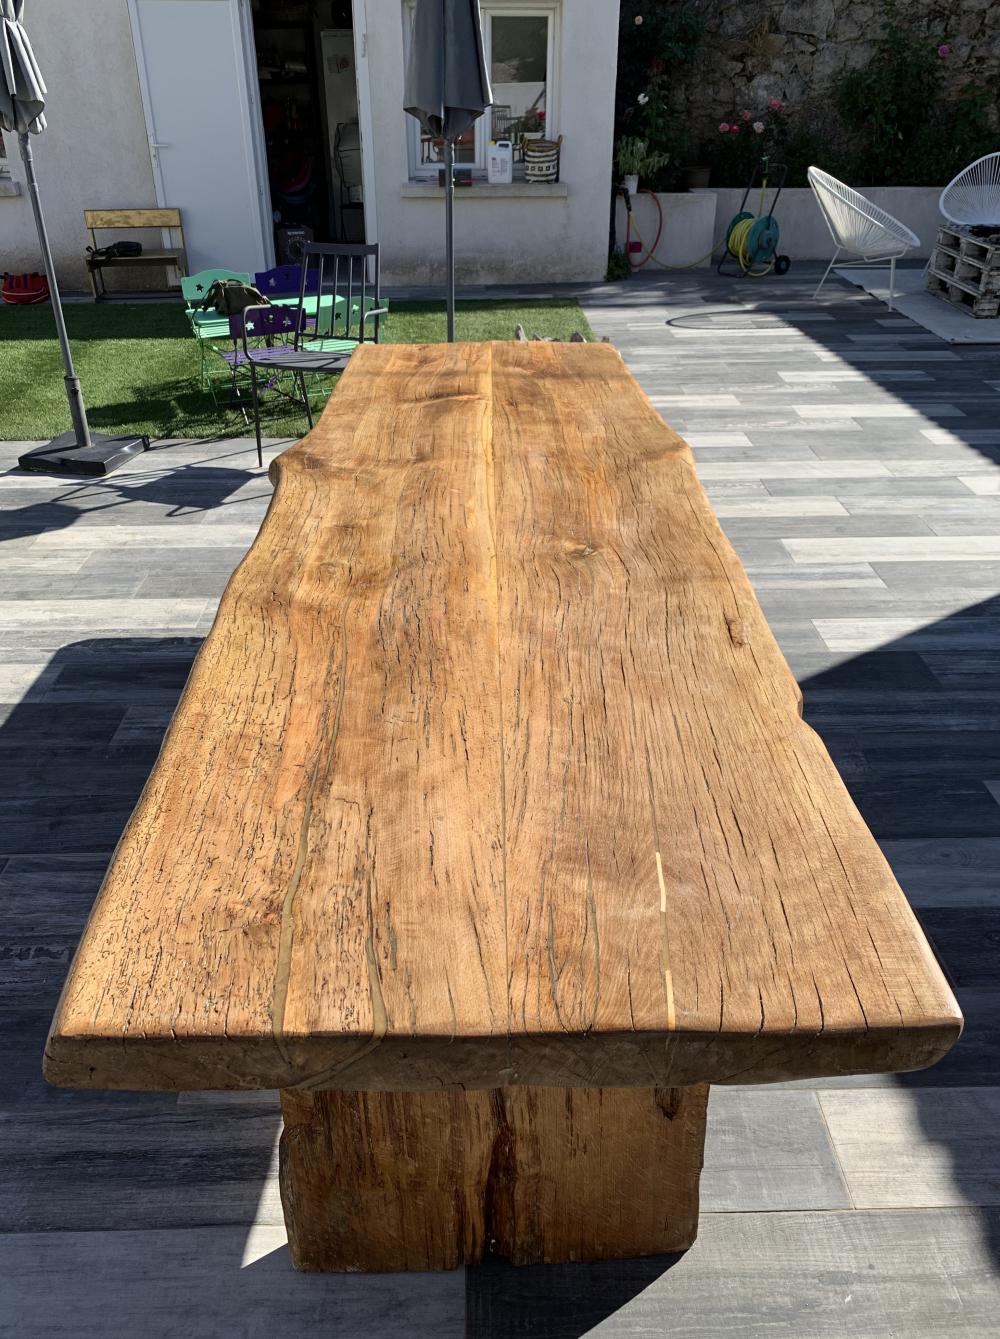 Table massive piétements en bois avec application plastivernis spécial extérieur – 2600.00€